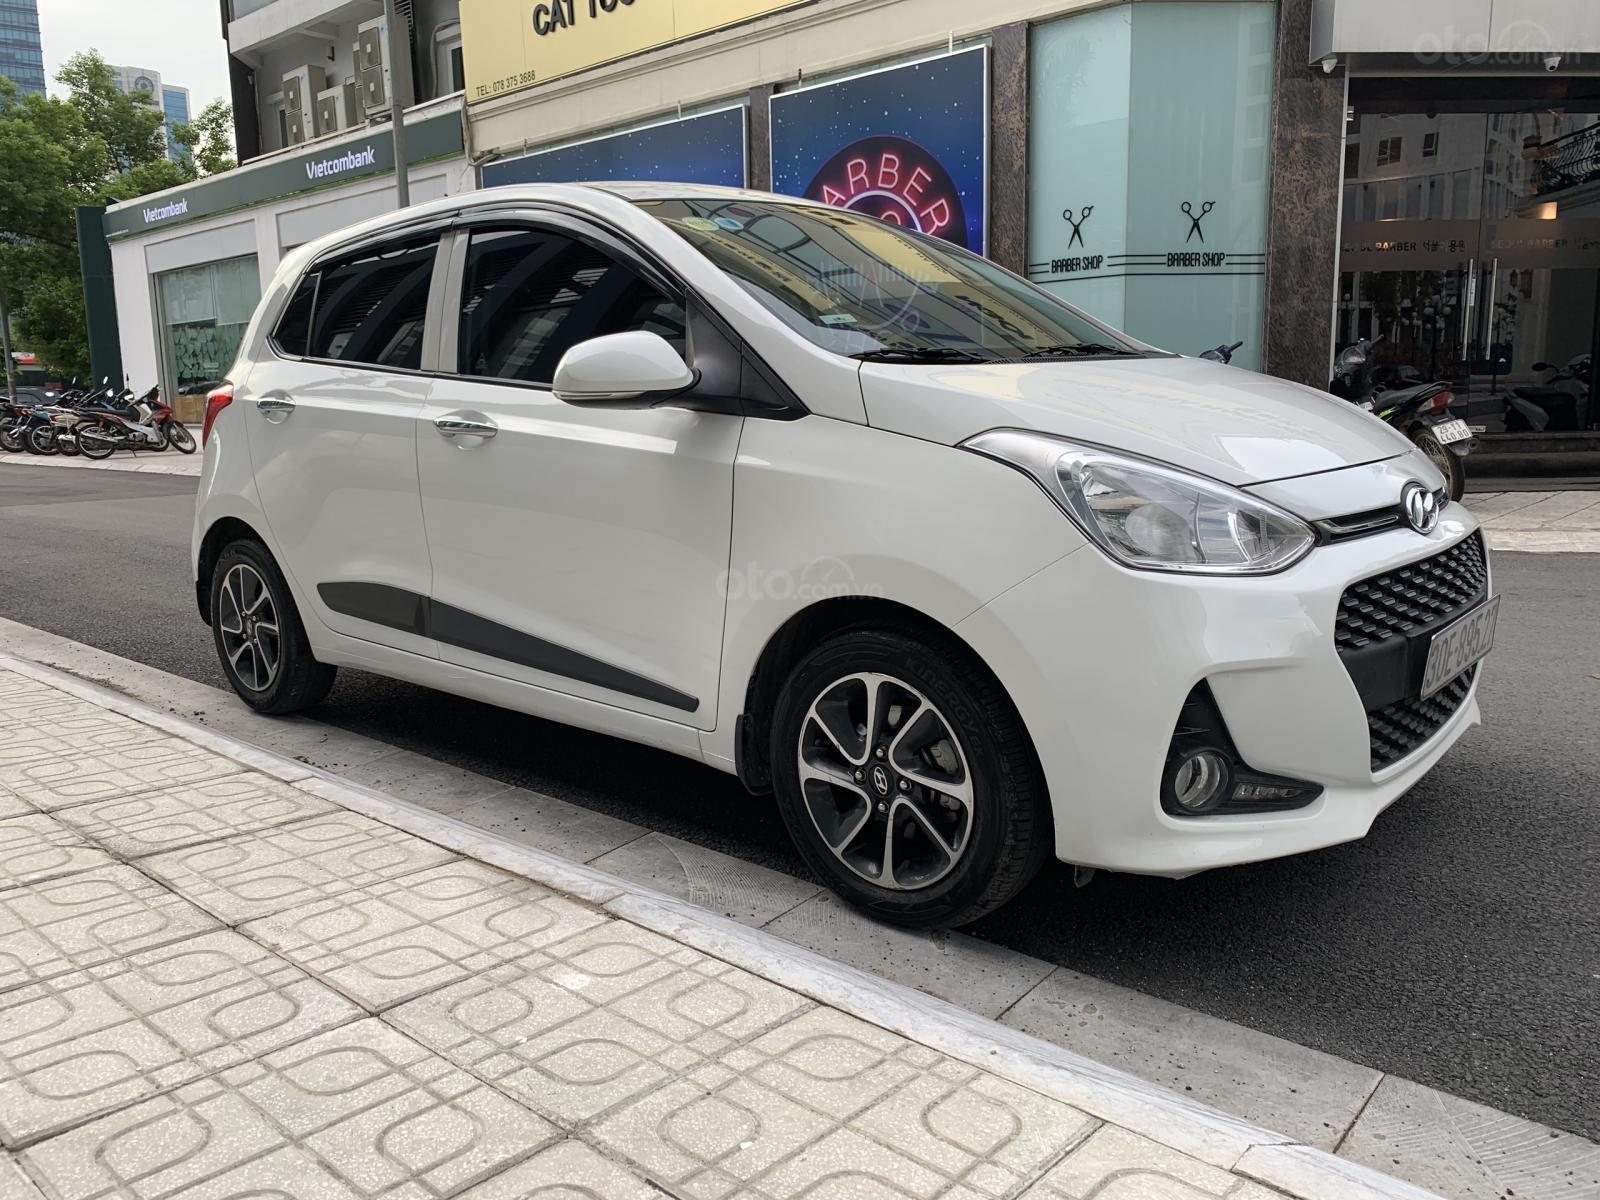 Cần bán xe Hyundai Grand i10 1.2AT Hatchback sản xuất 2017, màu trắng, nhập khẩu nguyên chiếc, 390tr (2)